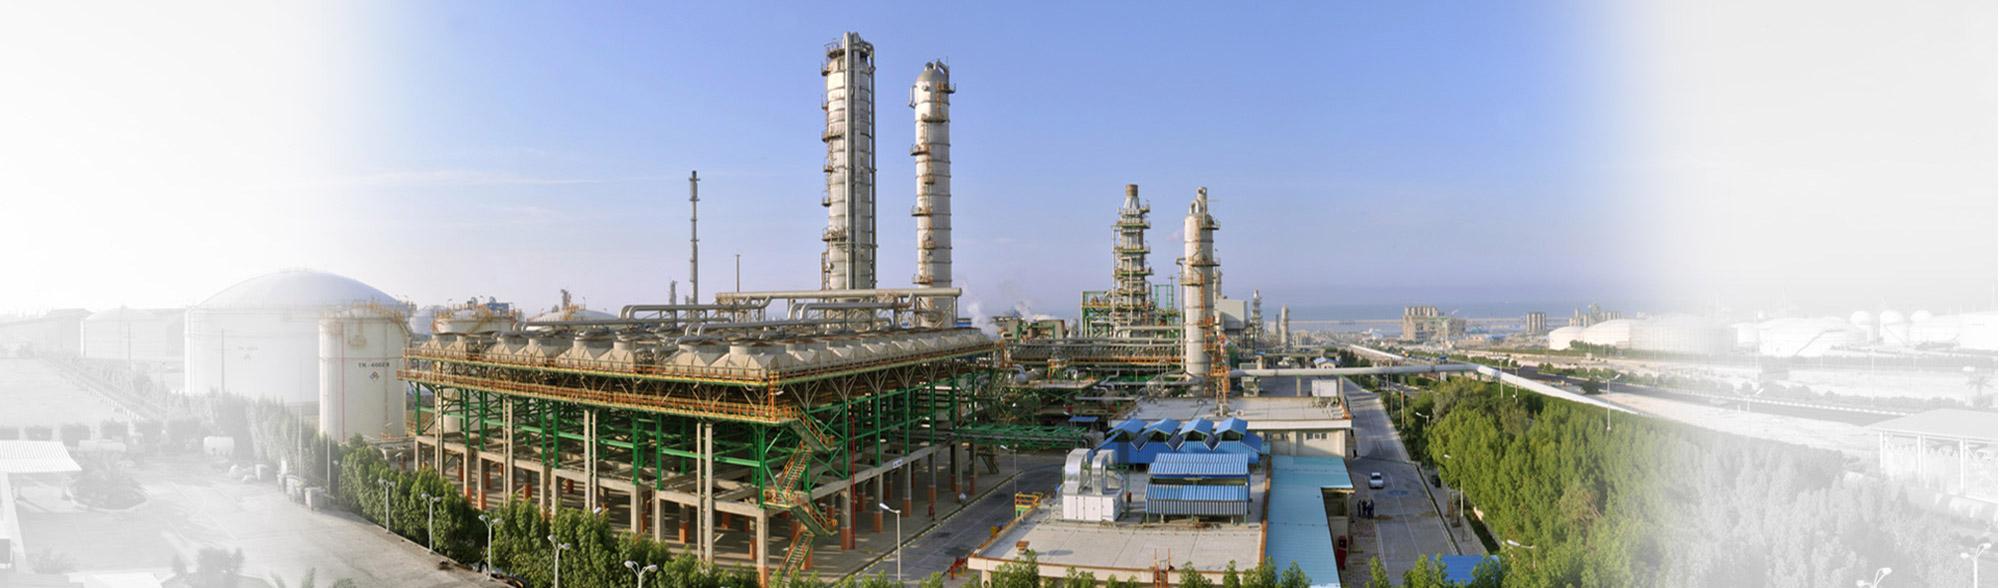 حساب بانکی پالایشگاههای ایران معمولاً ۴ ماه از سال بسته است